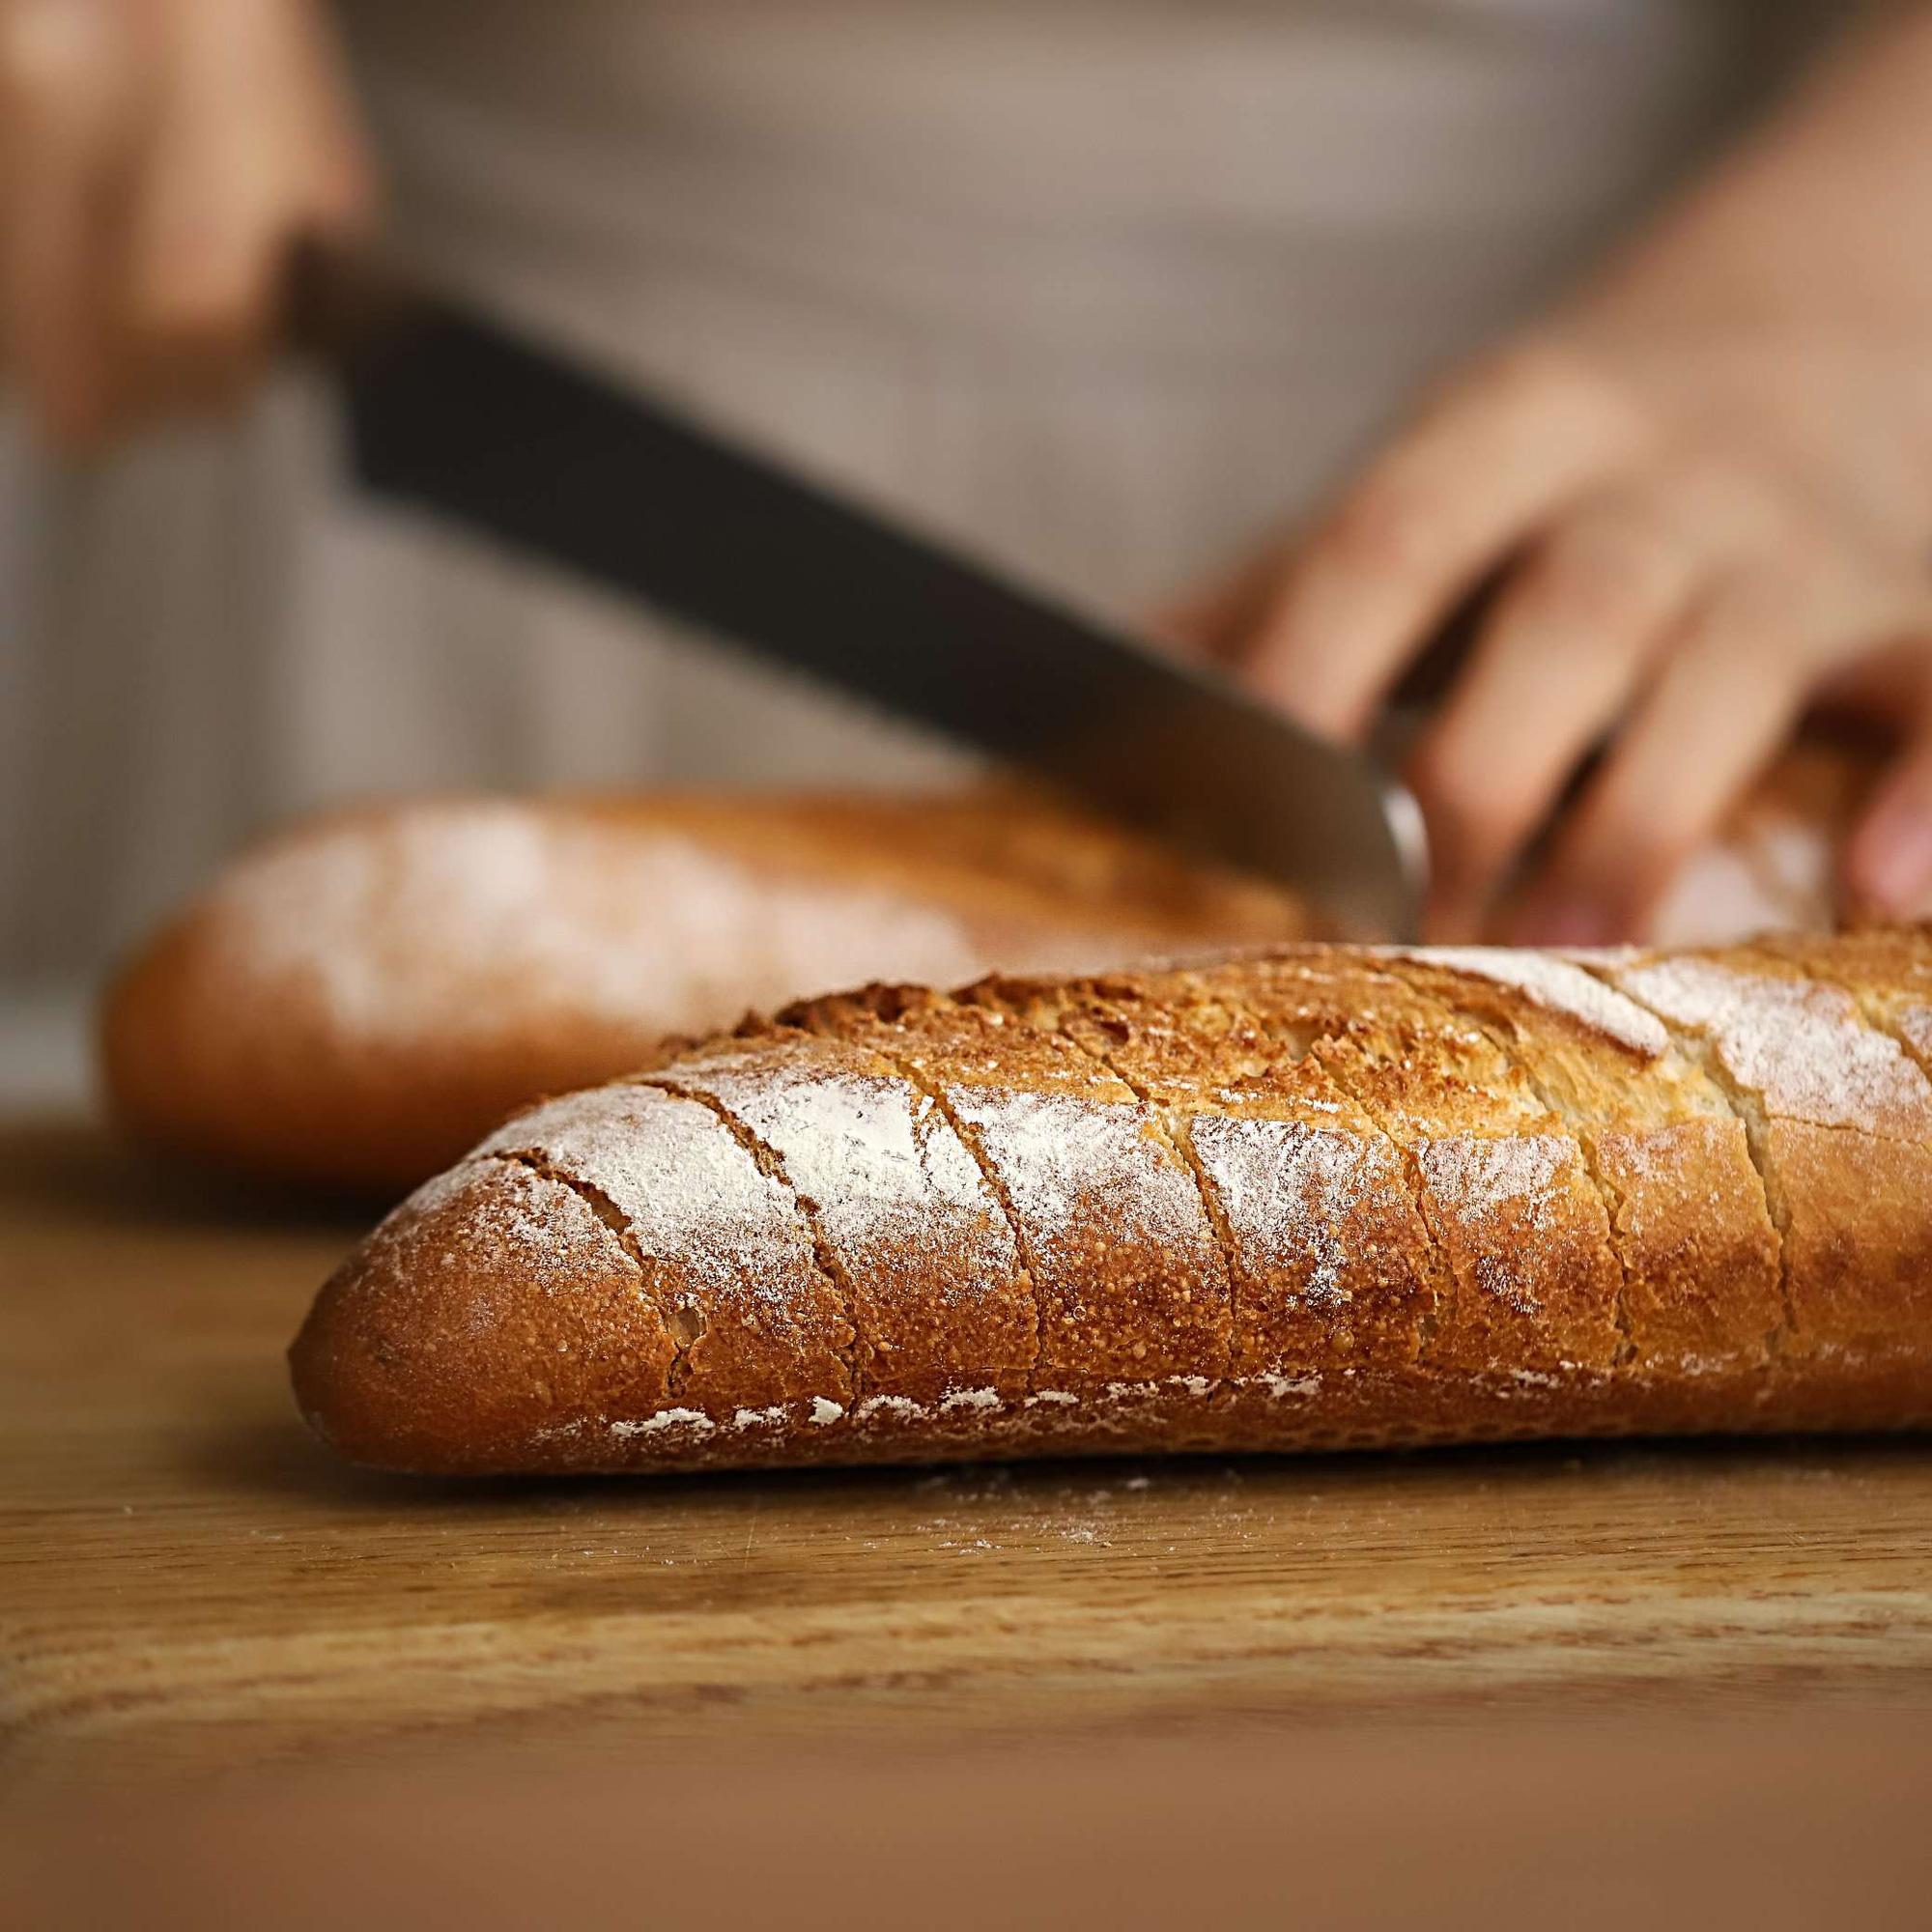 Chỉ 15 phút tôi chuẩn bị được món bánh mì nướng thơm ngon nhức nhối cho cả nhà ăn sáng! - Ảnh 2.